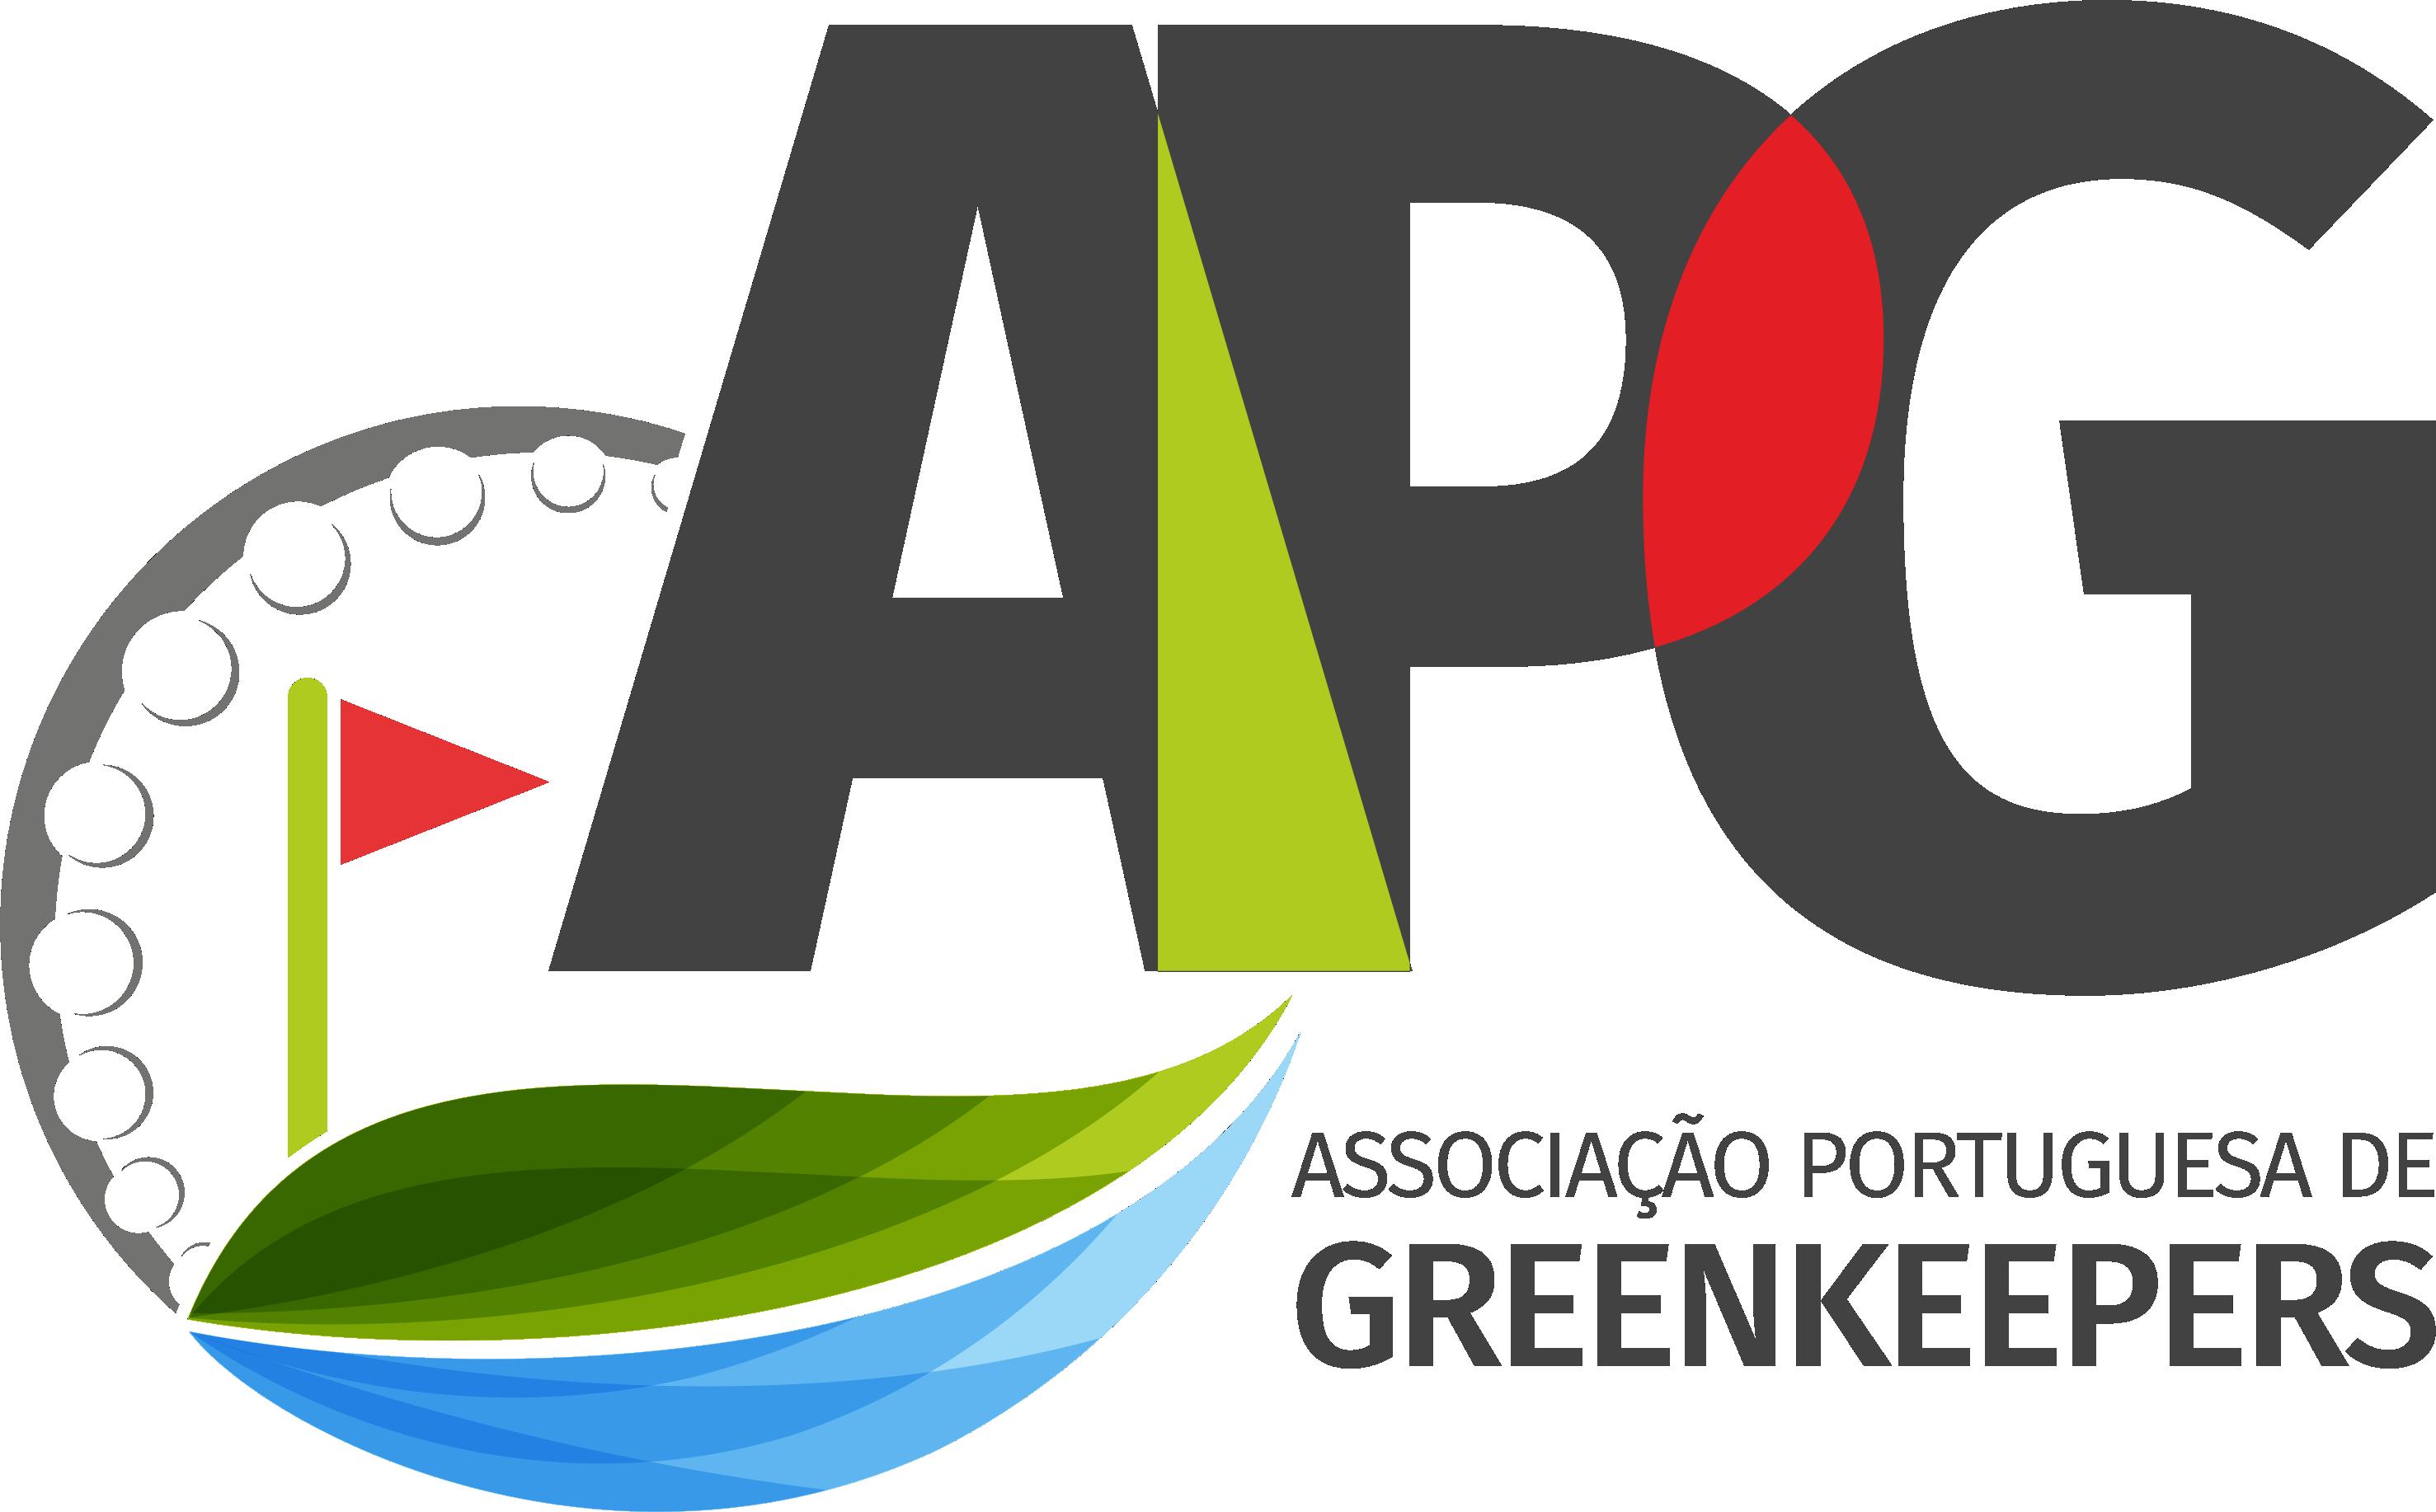 Associação Portuguesa de Greenkeepers